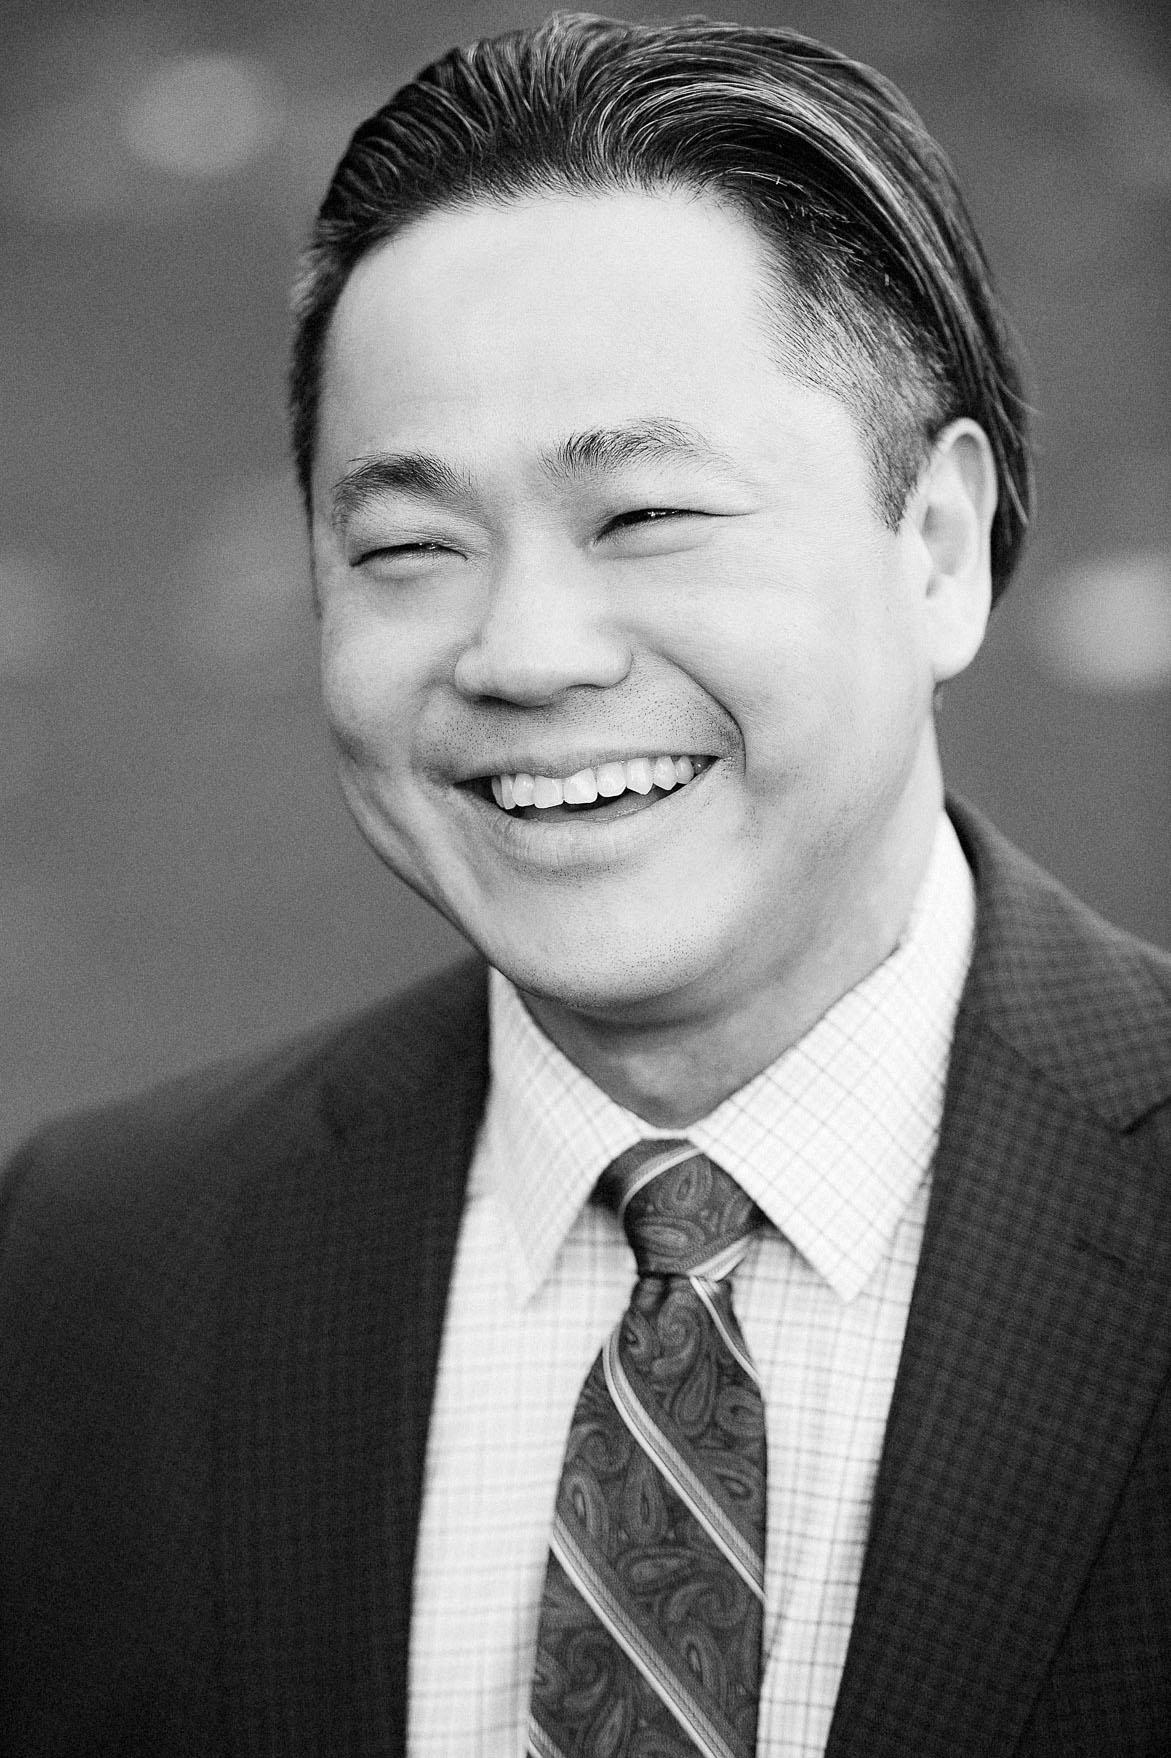 Chilwin Cheng